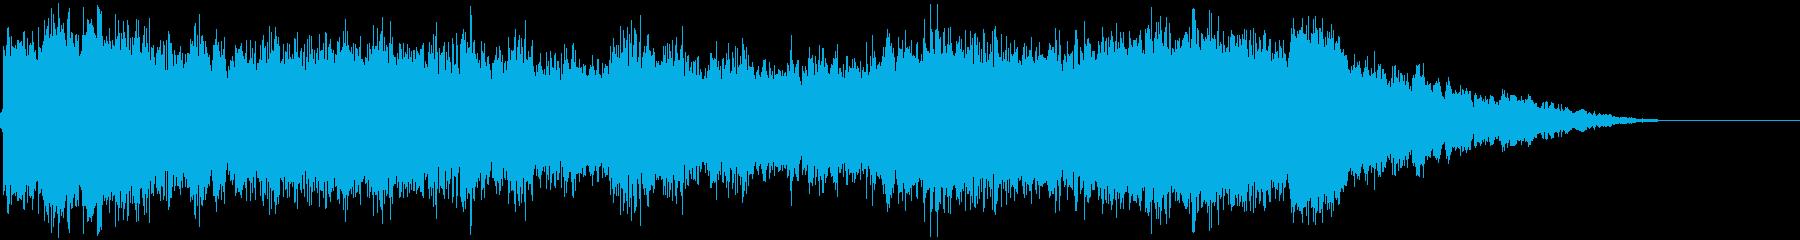 【ホラー】ヒット_01 ギャーンッ!!の再生済みの波形